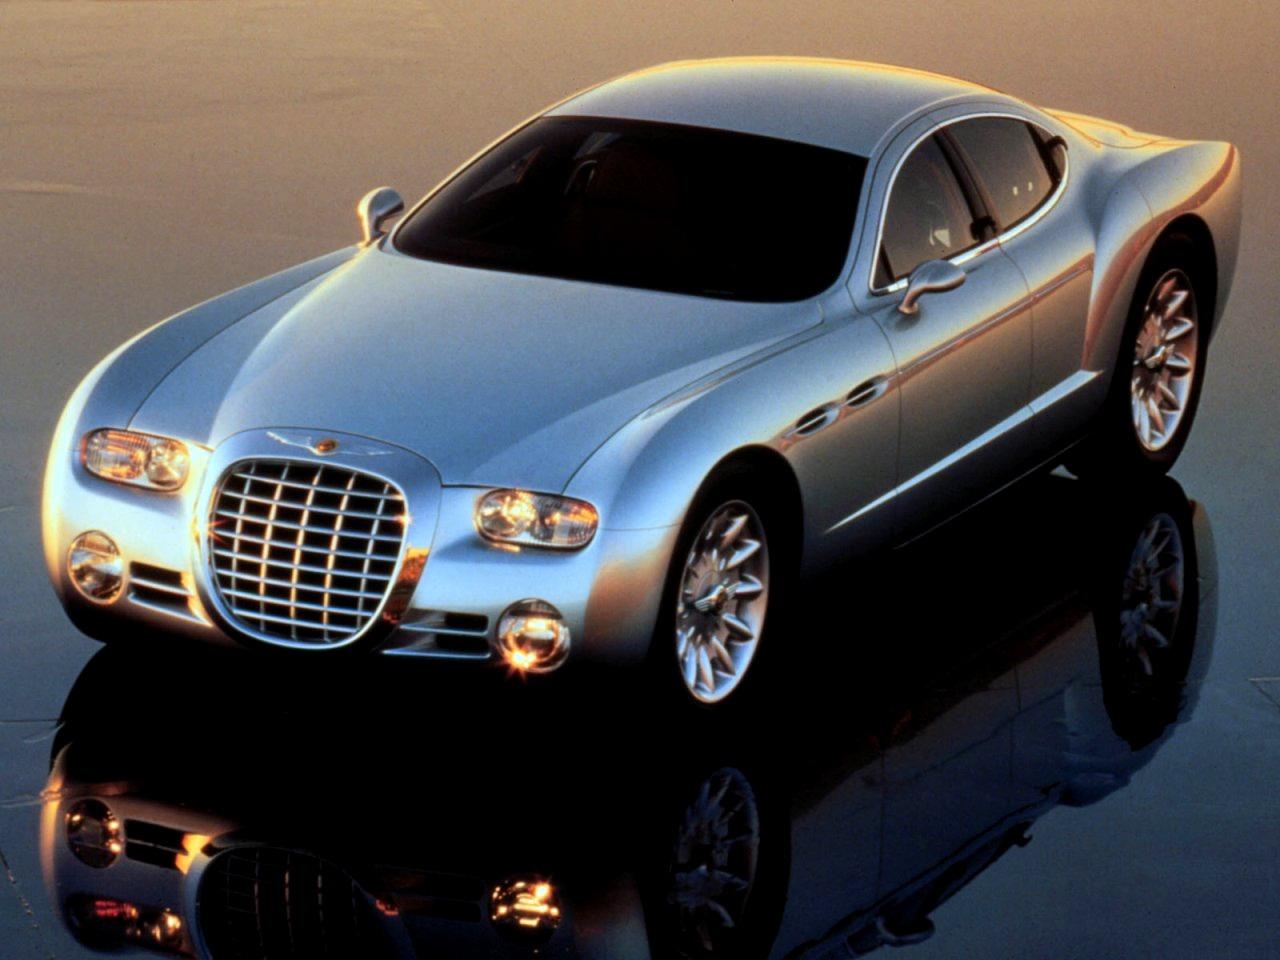 Saab Dealer Near Me >> Chrysler Chronos Concept (1998) - Old Concept Cars